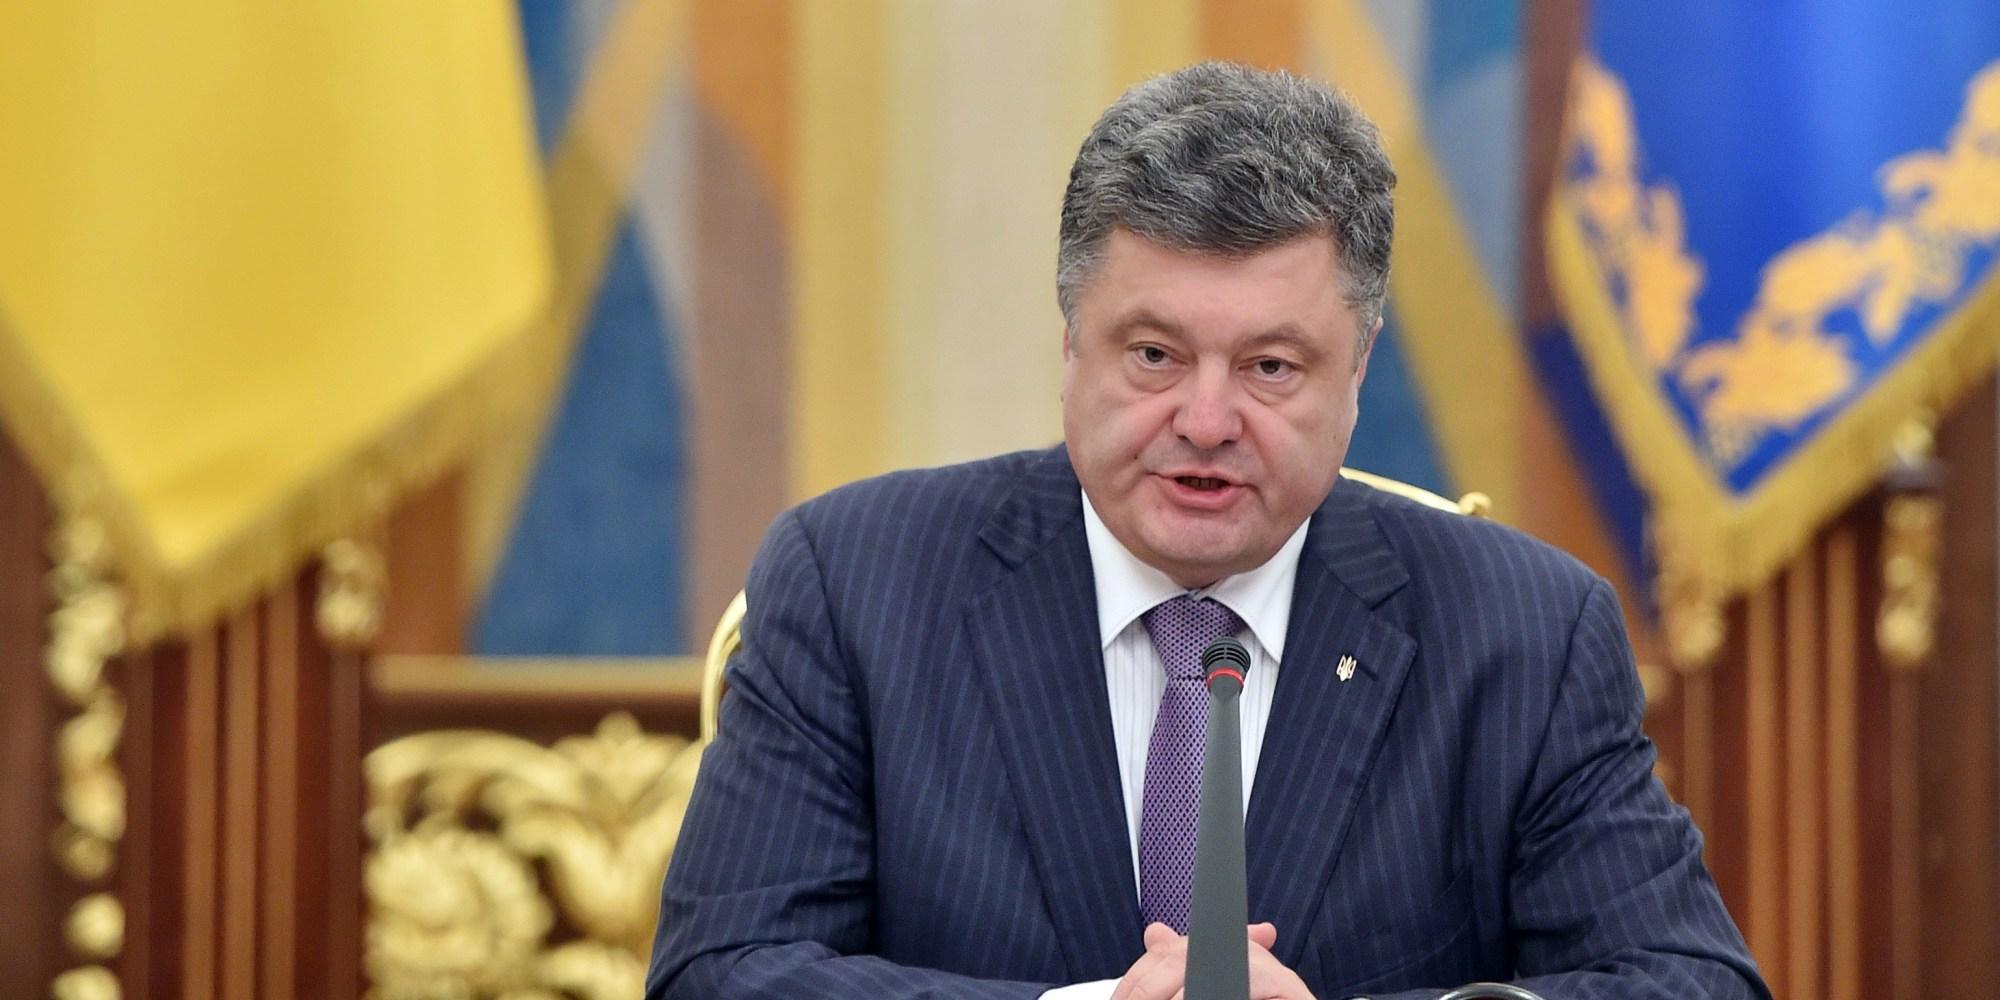 Что ждет украинцев в Новом году? Таких перемен в Украине еще не было